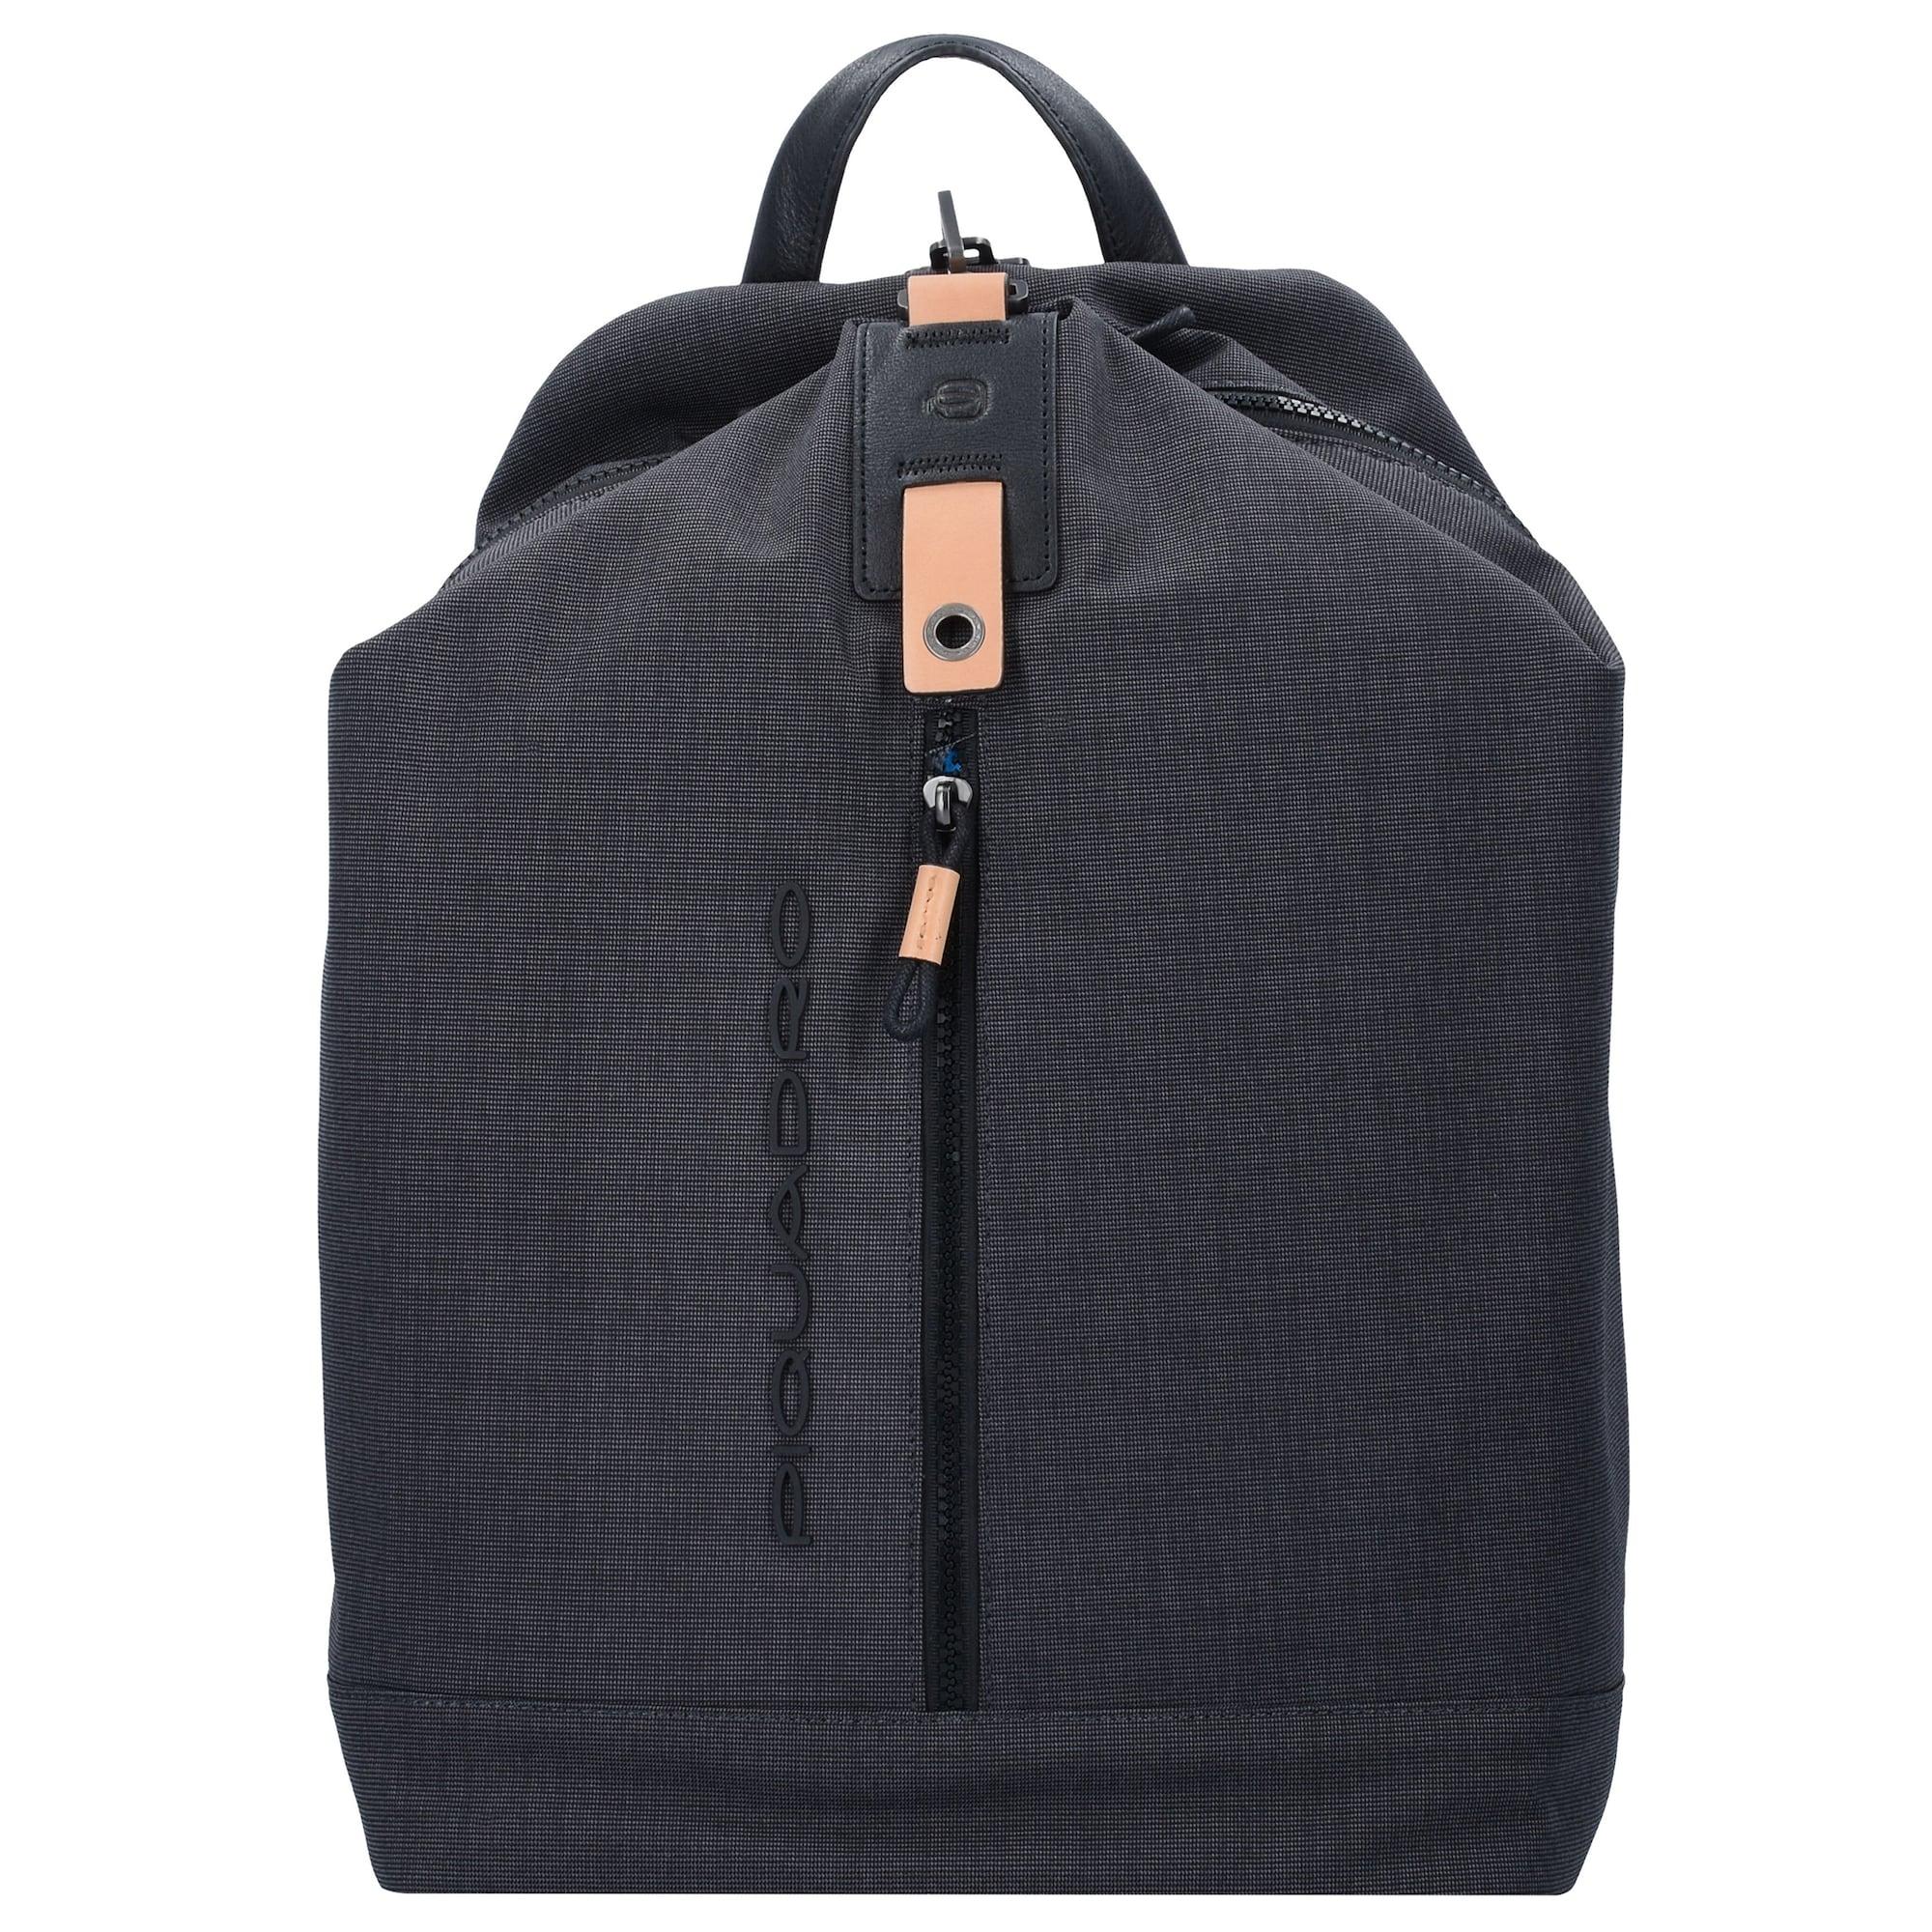 Business Rucksack 'Blade'   Taschen > Businesstaschen > Business Rucksäcke   Piquadro